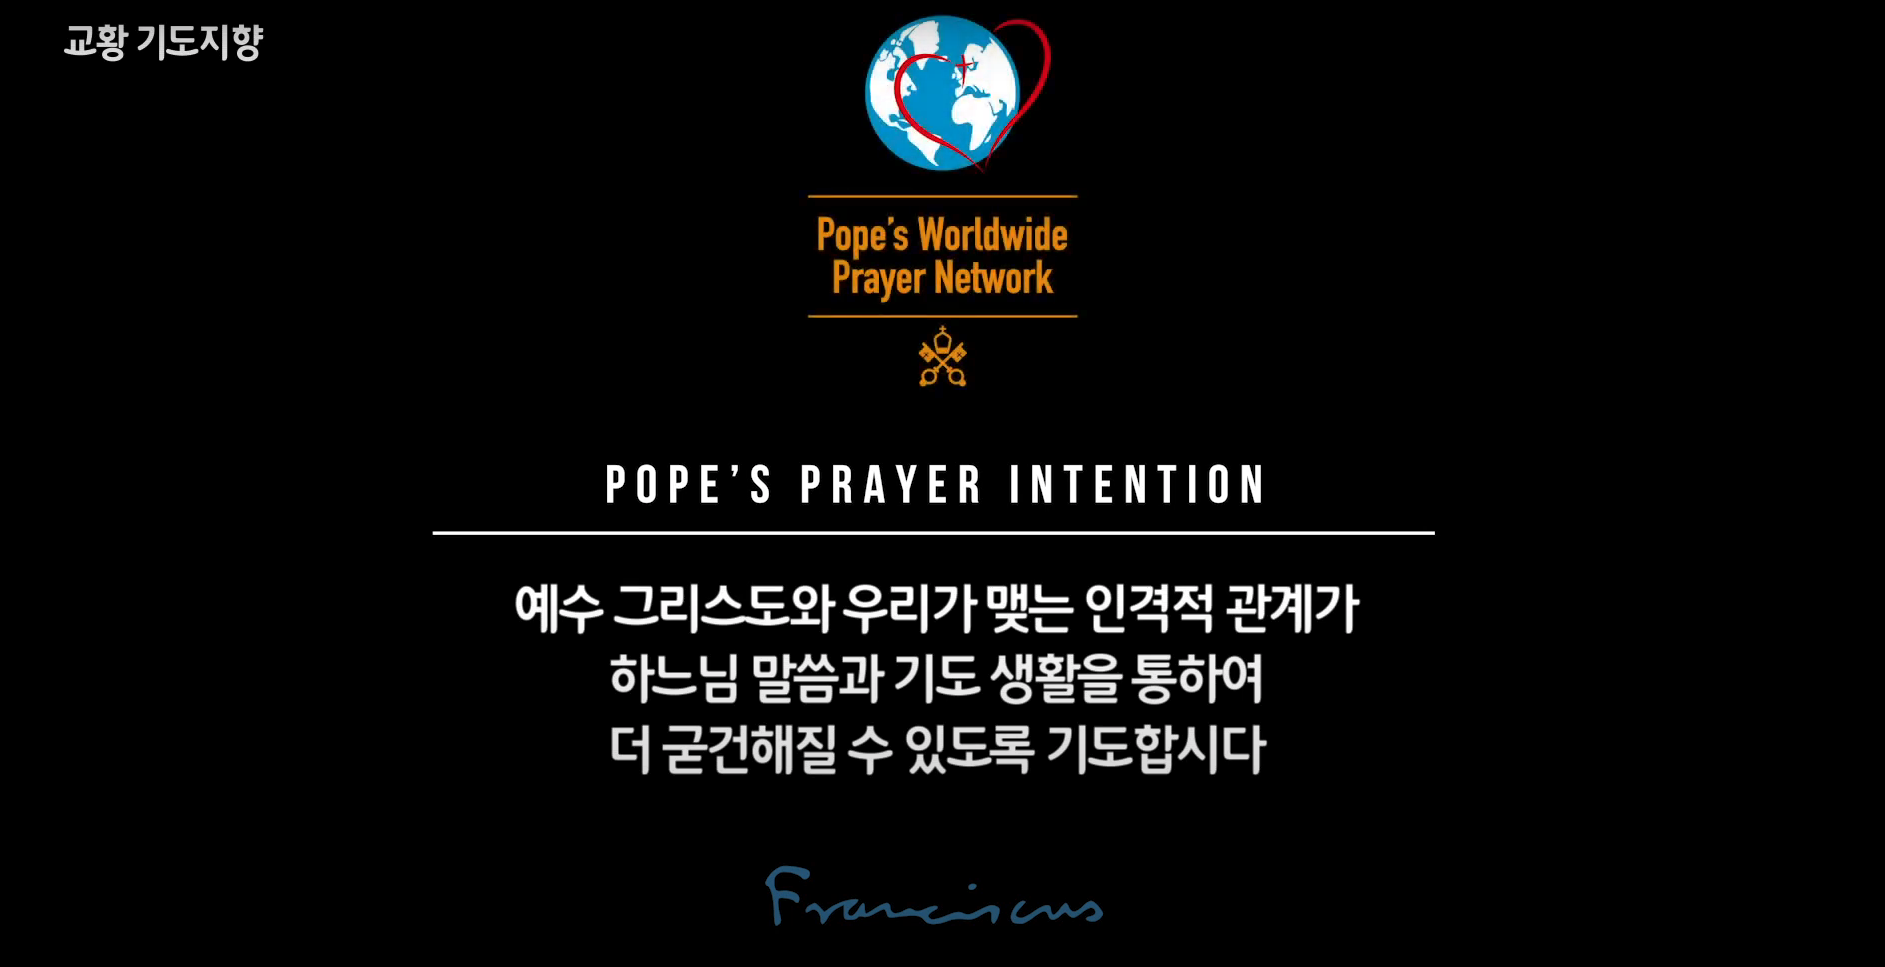 교황 기도지향 2020년 12월